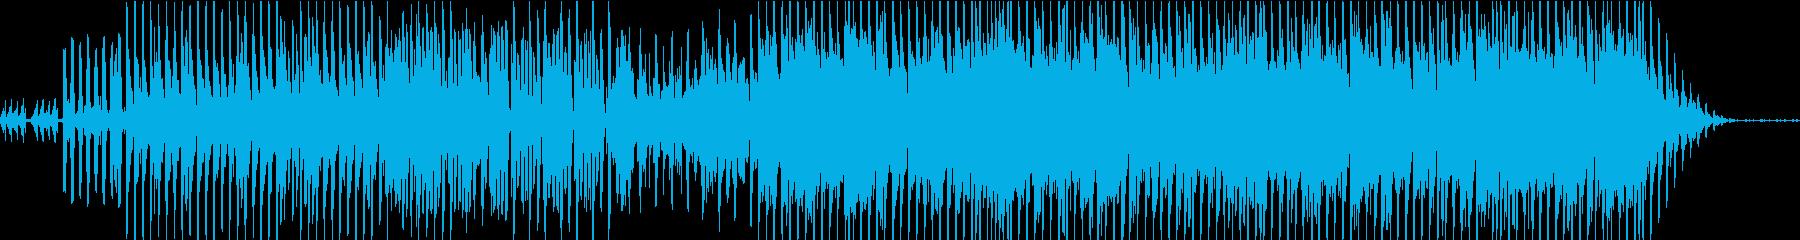 エレクトロなテクノポップの再生済みの波形